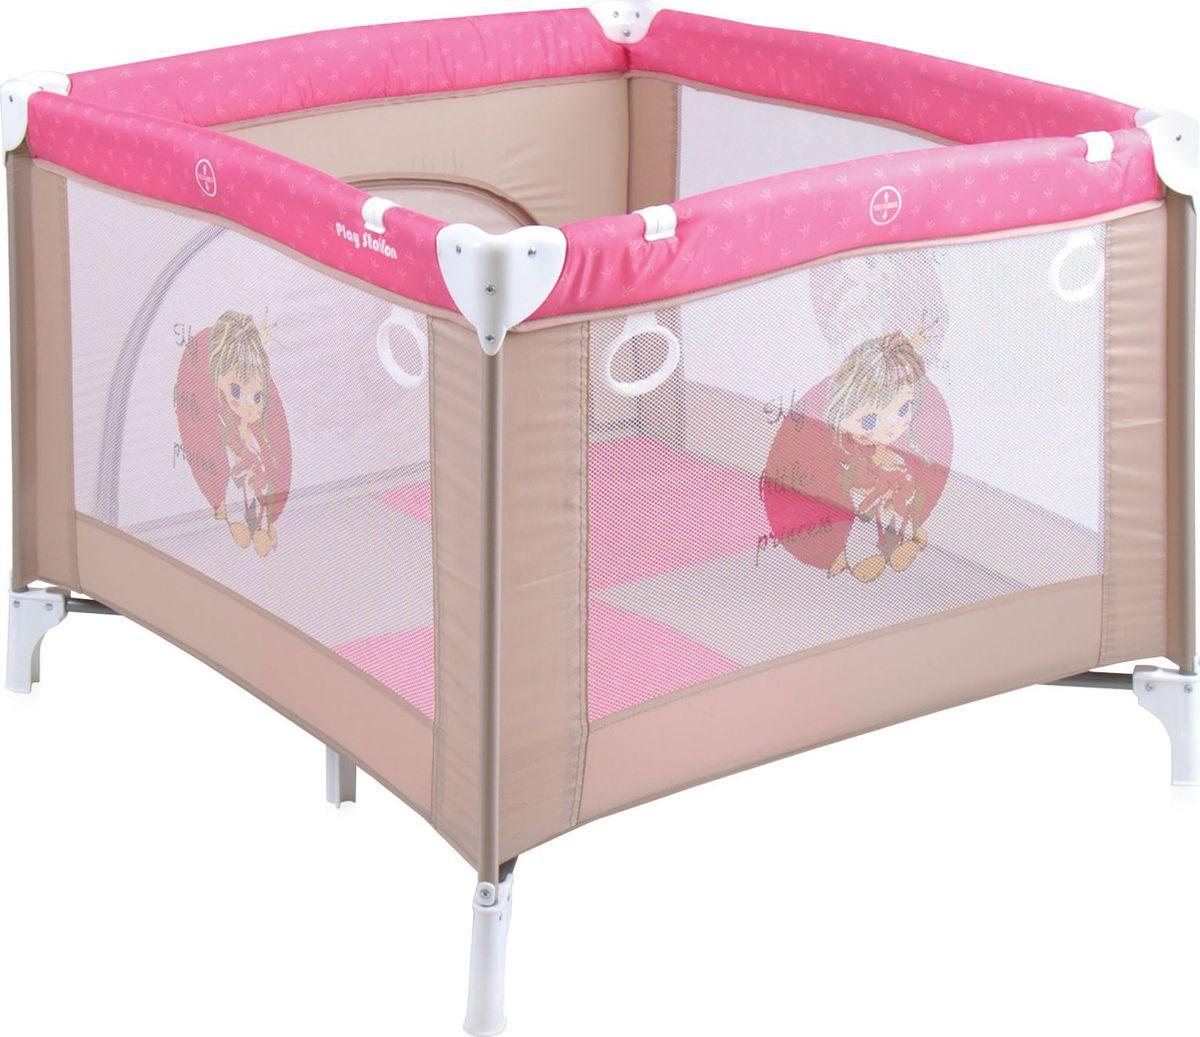 Lorelli Манеж Play Station цвет бежевый розовый74-0120Детский манеж Bertoni Play Station выполнен в современном стиле, компактен в сложенном виде. Отсутствуют острые углы, ткань приятная на ощупь.Особенности:Квадратный просторный манежТравмобезопасная конструкция Центральная ножка для обеспечения безопасностиЛегко складывается в компактную, удобную для переноски сумку Яркие, прочные, легкомоющиеся тканевые части Специальные кольца на боковинках для помощи малышу научиться вставатьСетчатые вставки в боковинах для лучшей вентиляции и обзораОтстегивающийся боковой лаз, чтобы малыш мог сам забираться в манеж и выбираться из негоРазмеры: 90х100x75 см.Характеристики